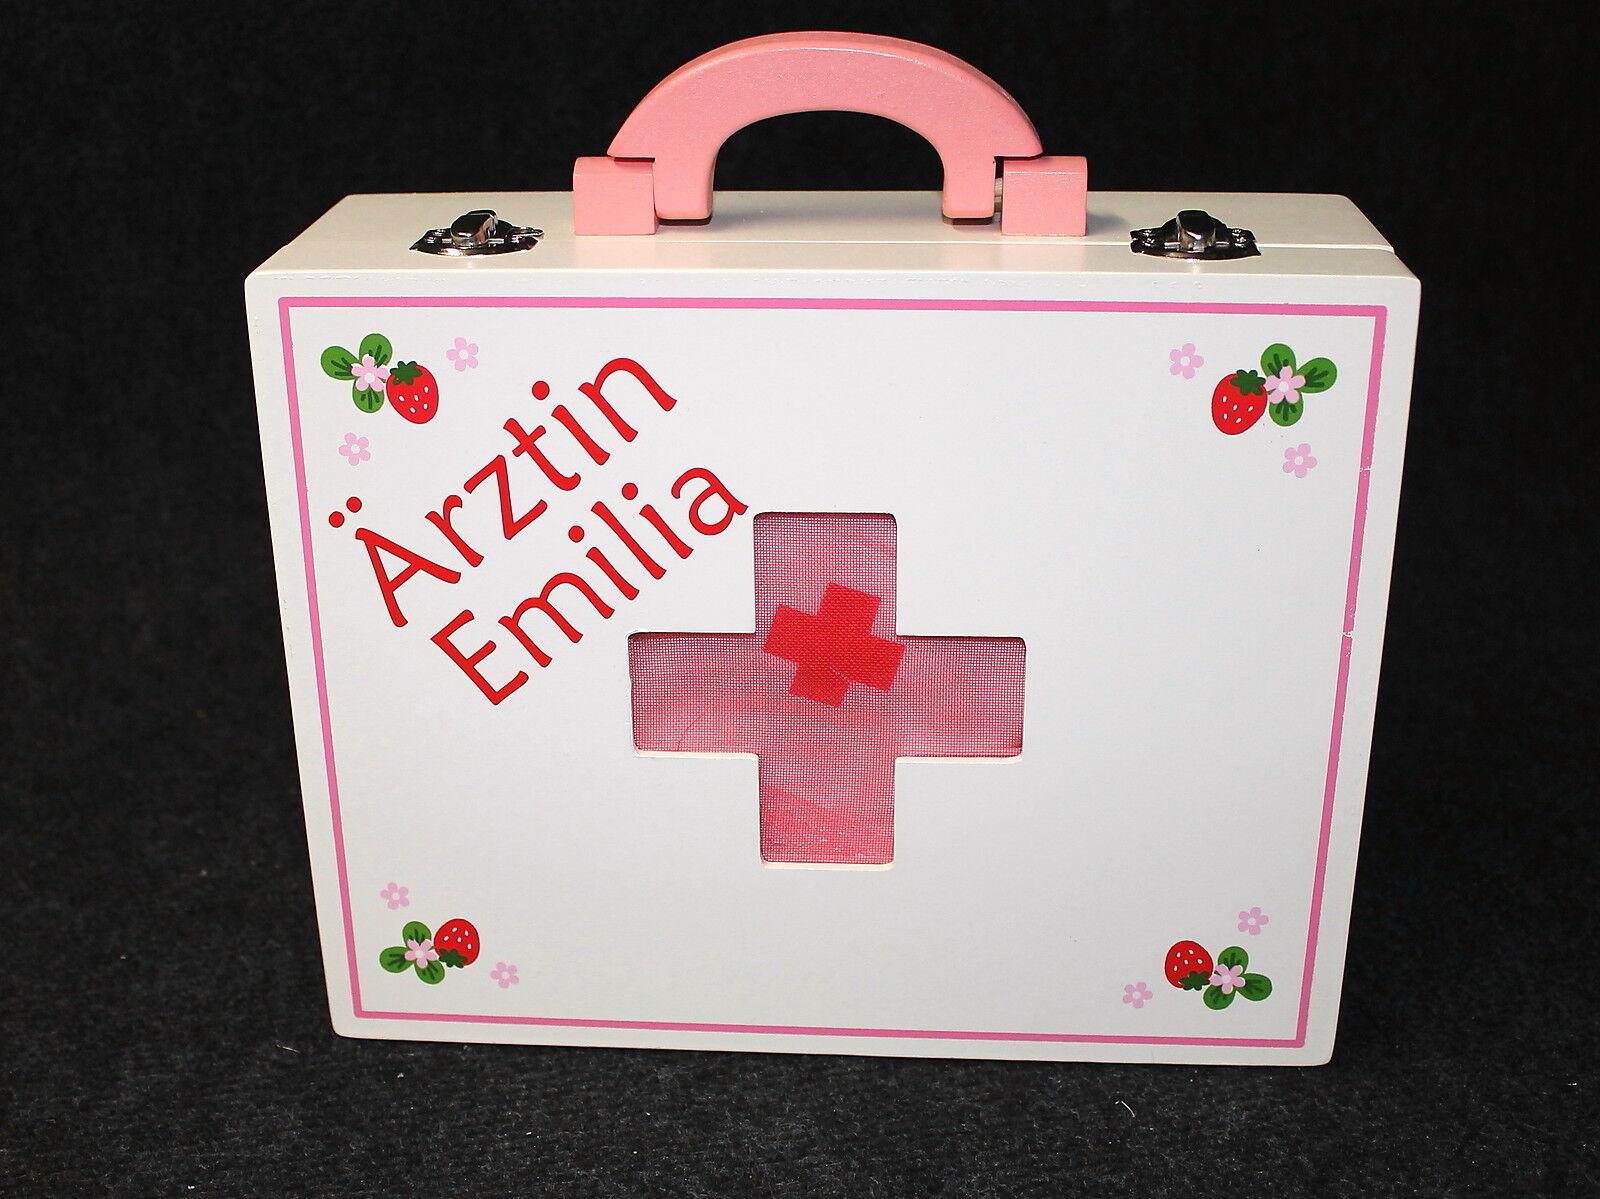 Kinder Arztkoffer Isabel Holz Doktorkoffer mit Namen des Kindes personalisiert